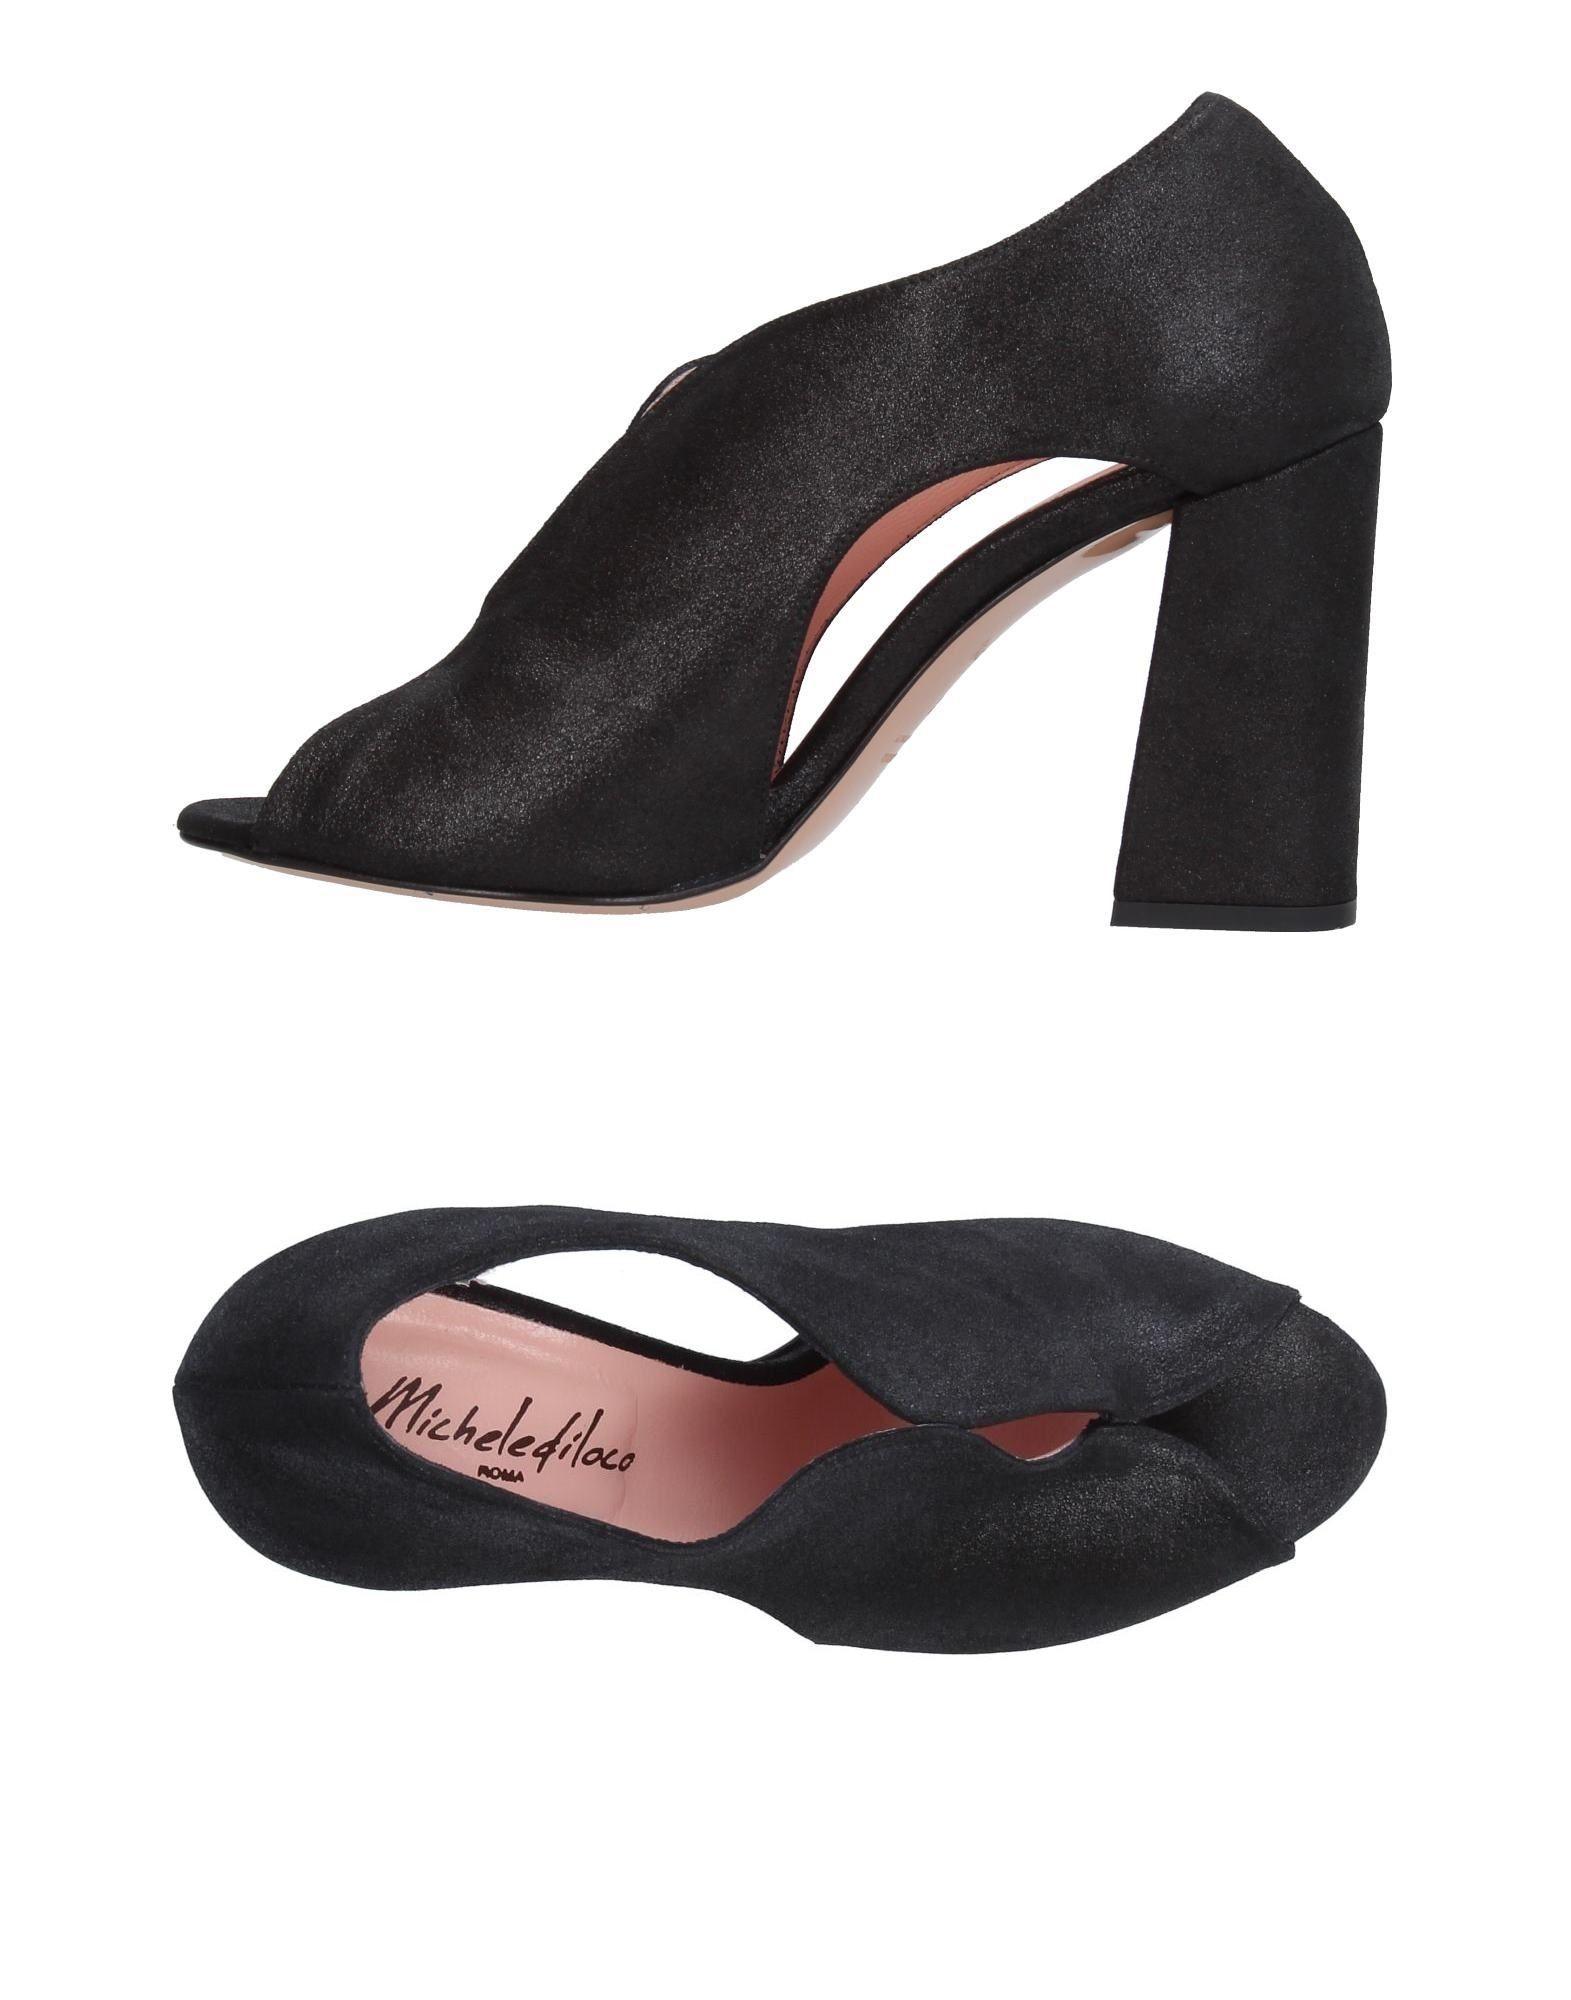 Michelediloco Sandalen Damen  11378837VW Gute Qualität beliebte Schuhe